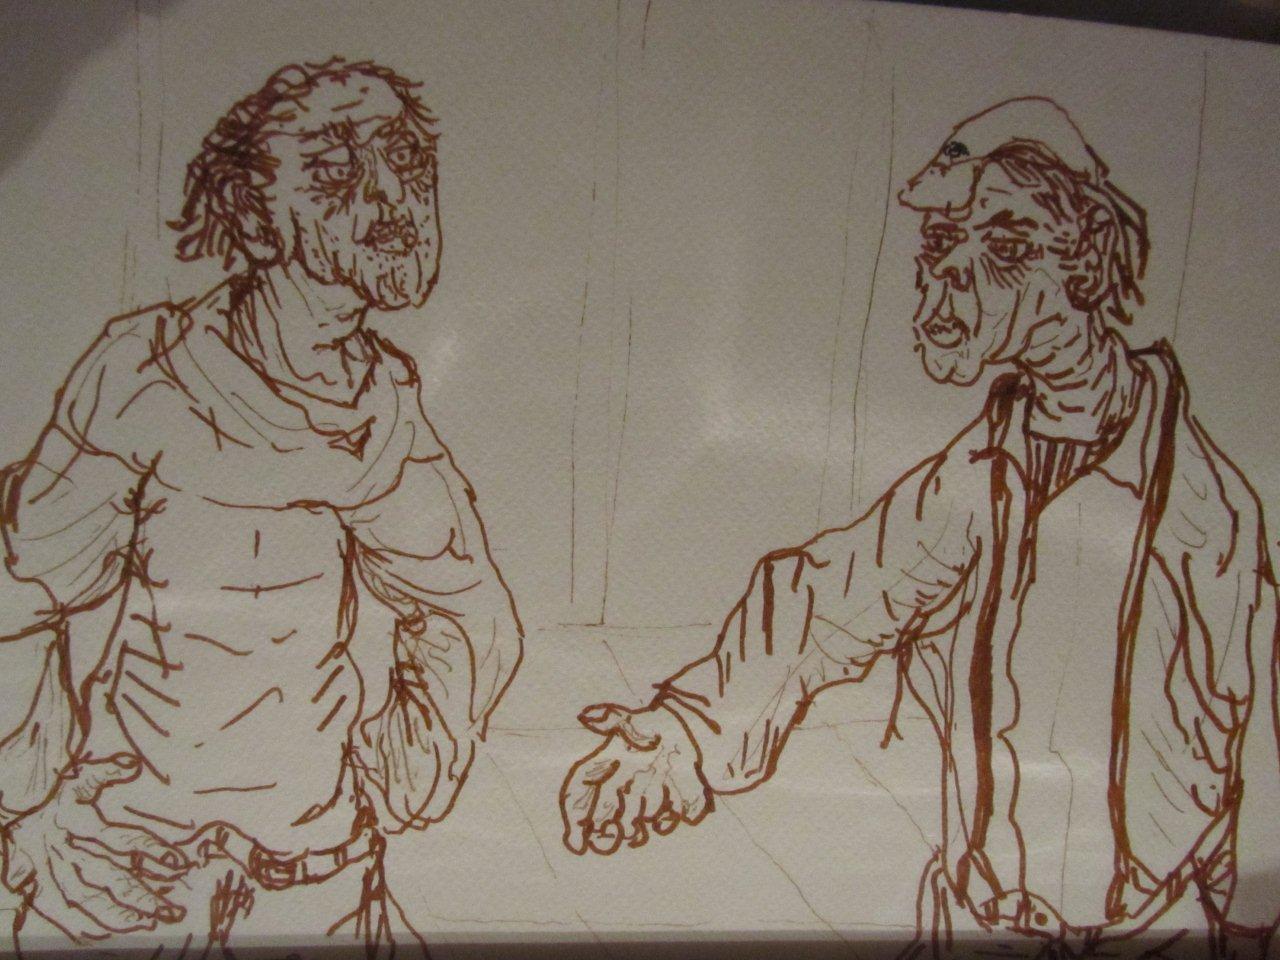 vanetti+disegni+e+schizzi+(153).jpg